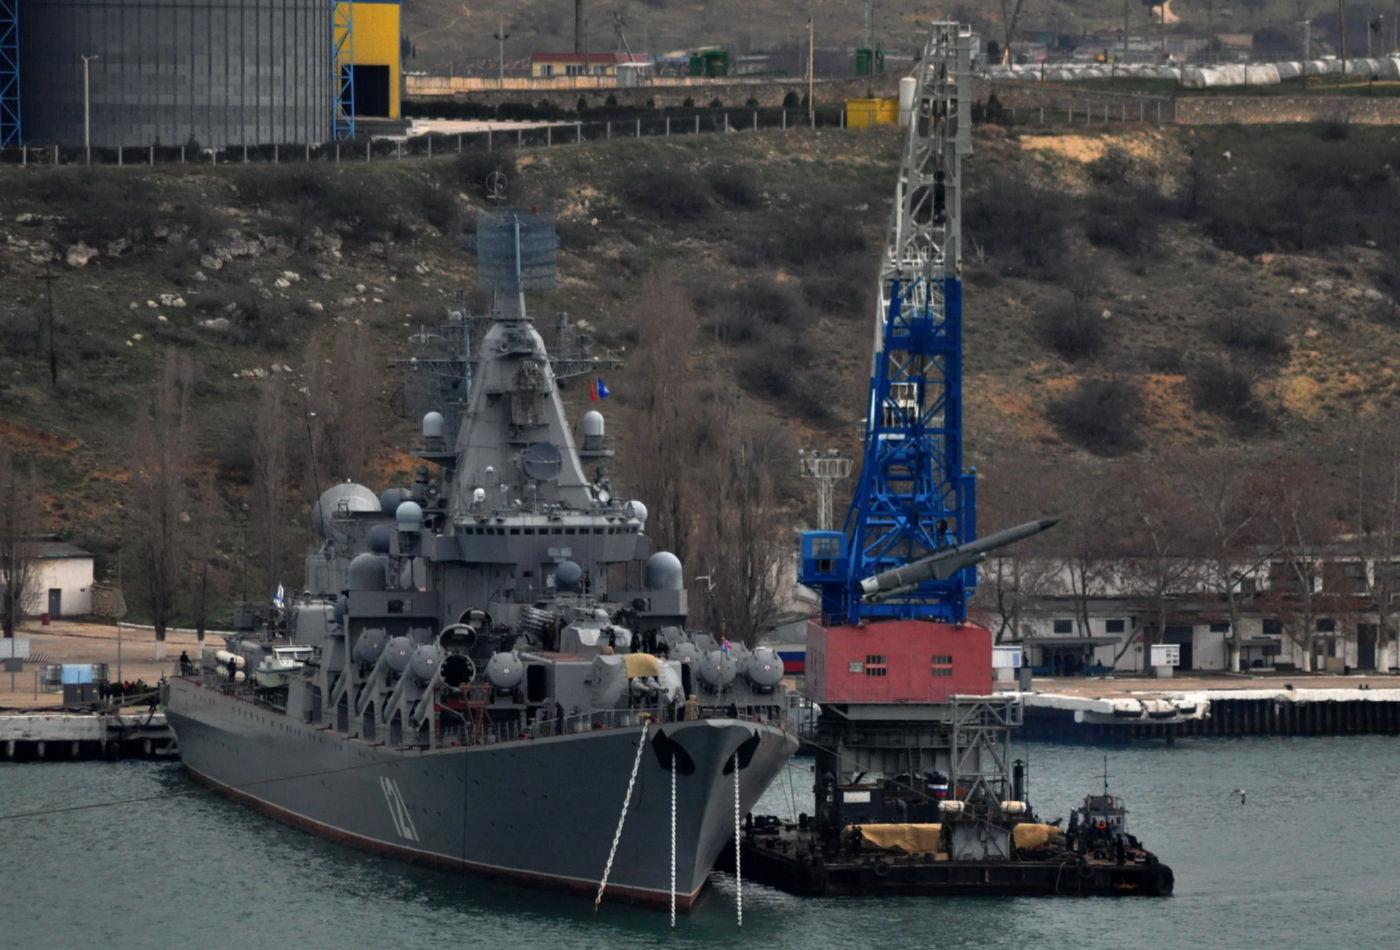 ロシア海軍黒海艦隊旗艦・親衛ロケット巡洋艦モスクワは2015年末から近代化改装を開始する | N.G.クズネツォフ記念・ウリヤノフスク赤旗・親衛ロシア海軍情報管理局